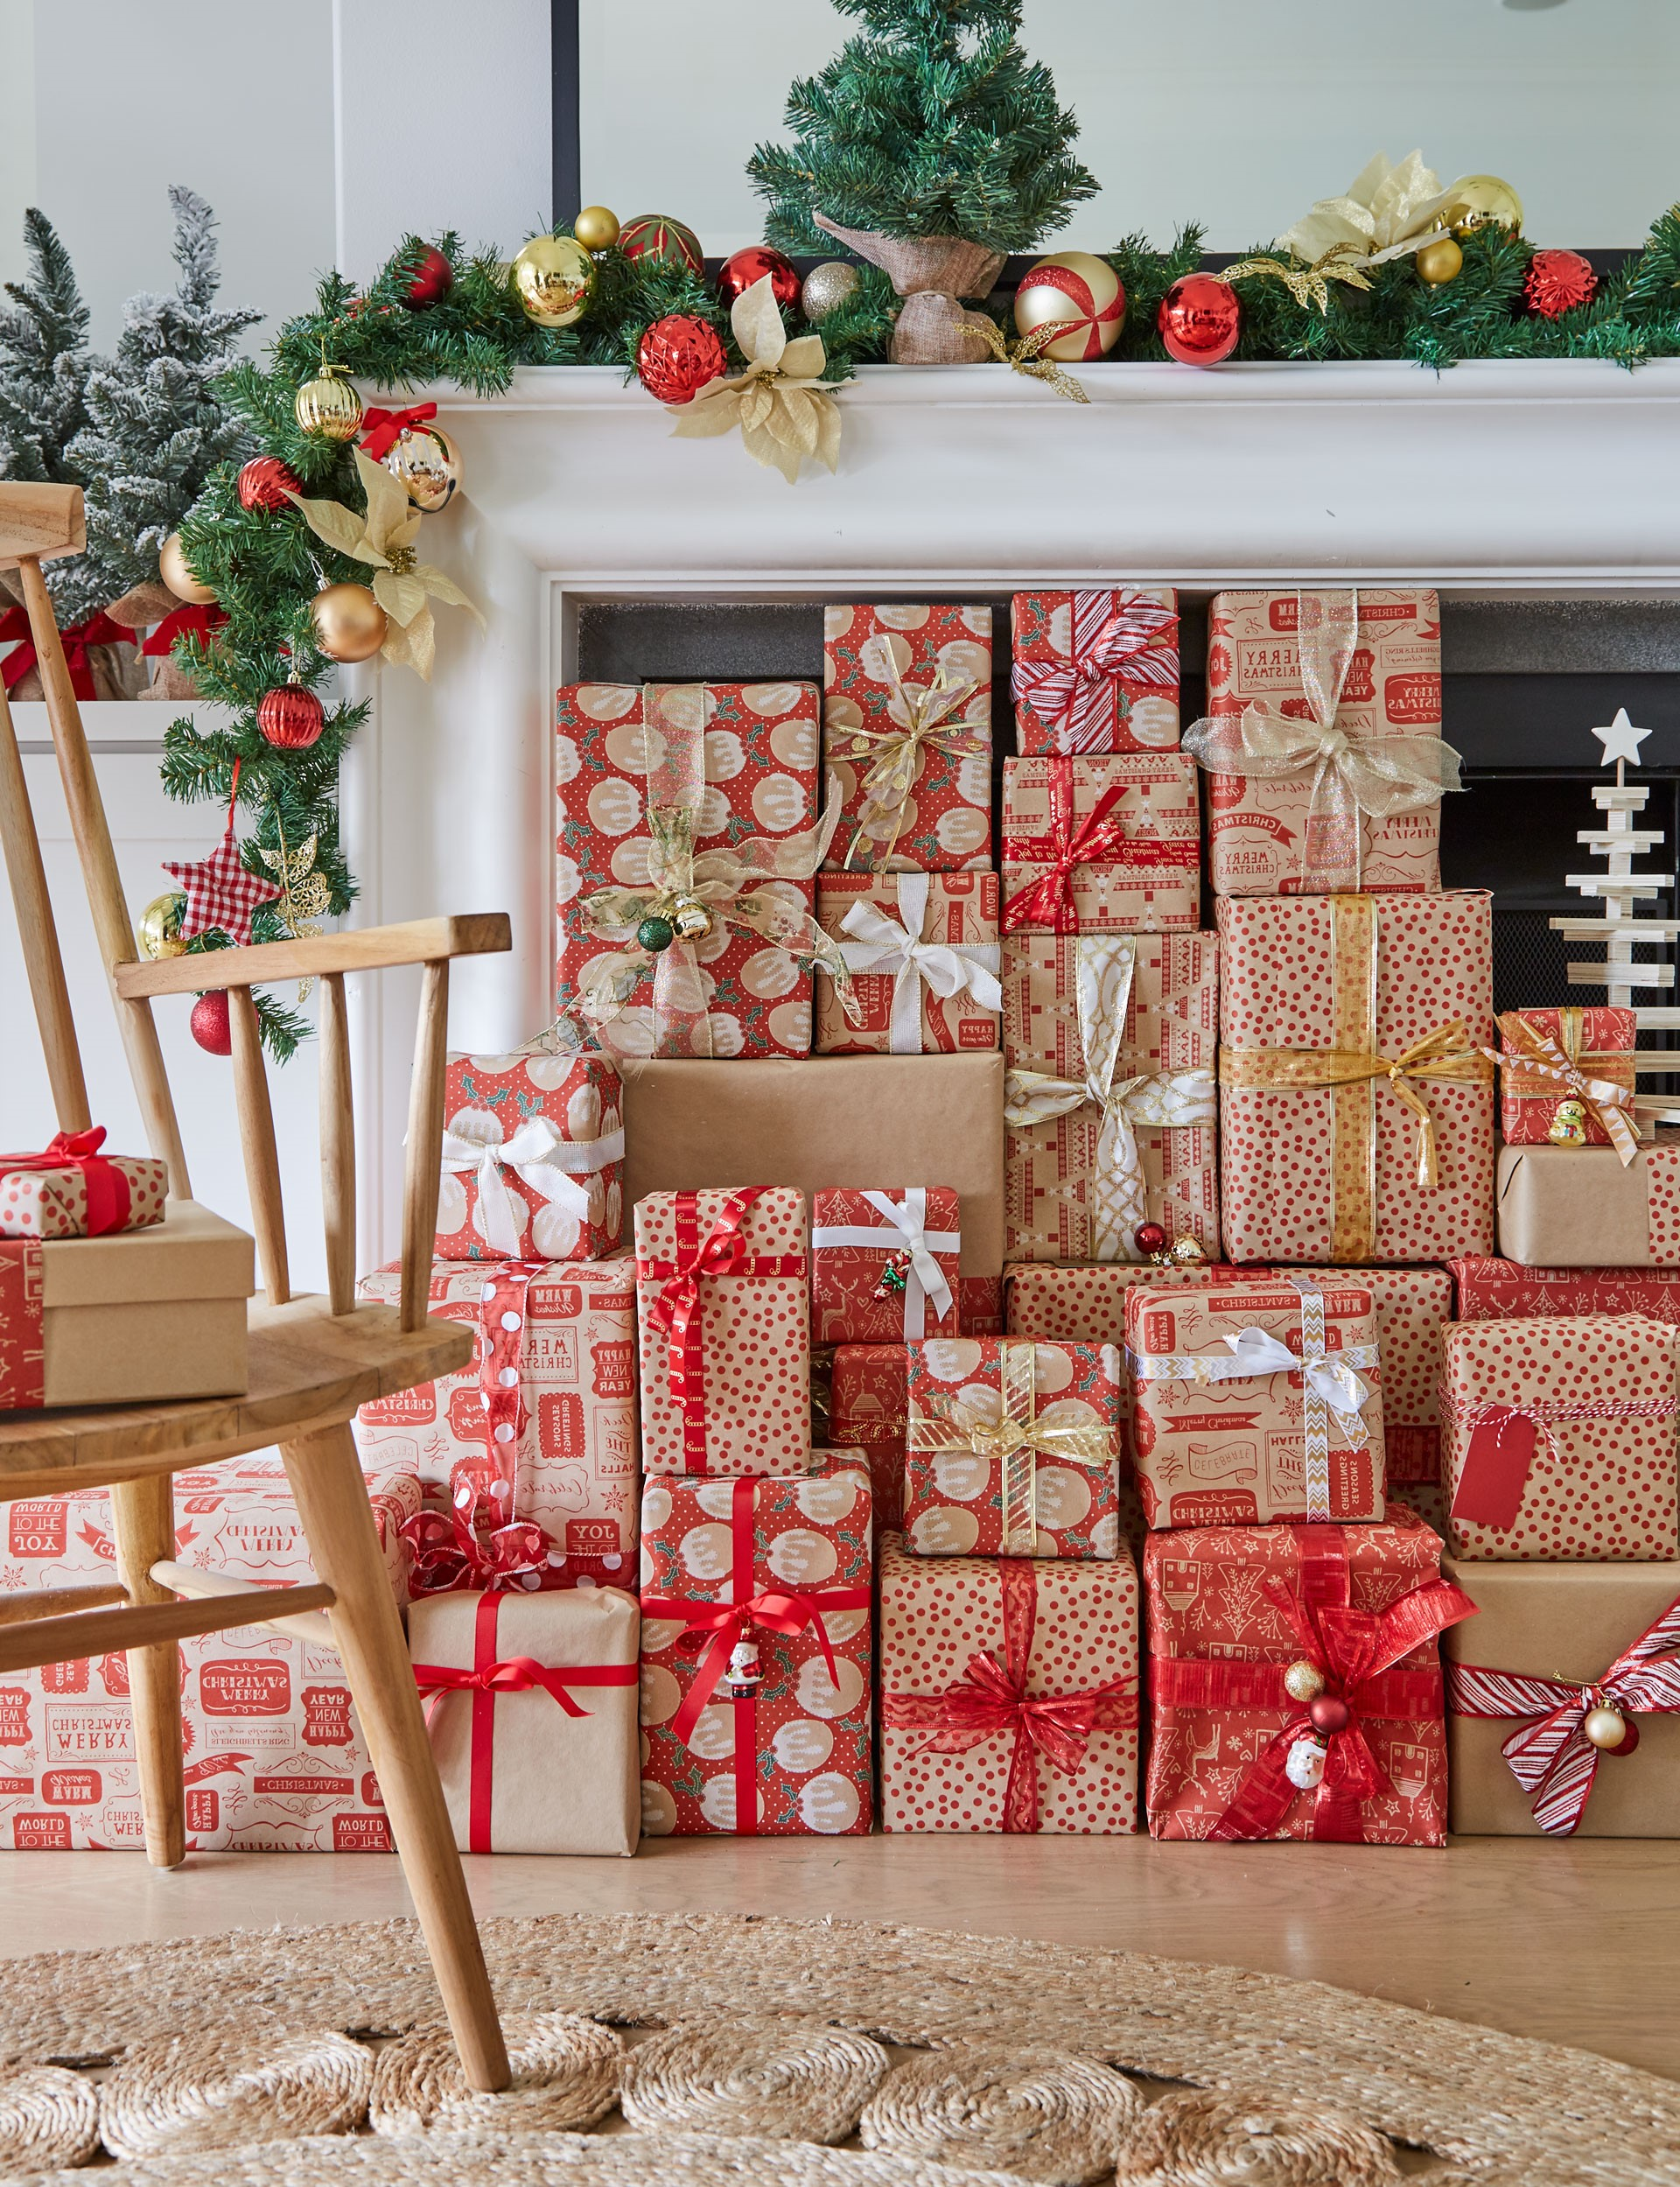 Coffrets cadeaux emballés dans du beau papier d'emballage.